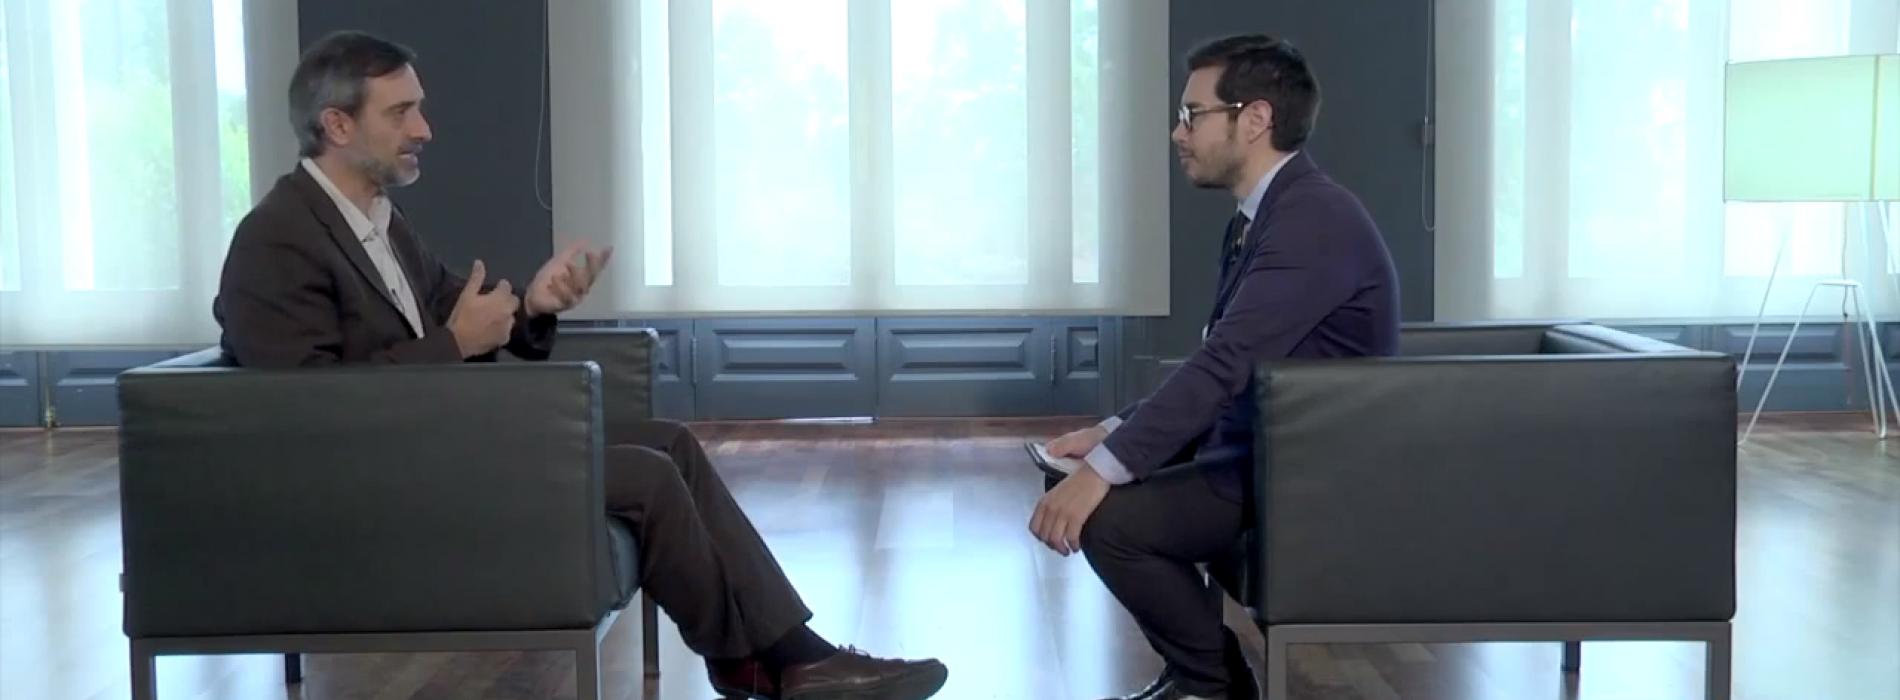 Els experts Canyelles i Lavado entrevistats per al Màster d'RSC de la UOC